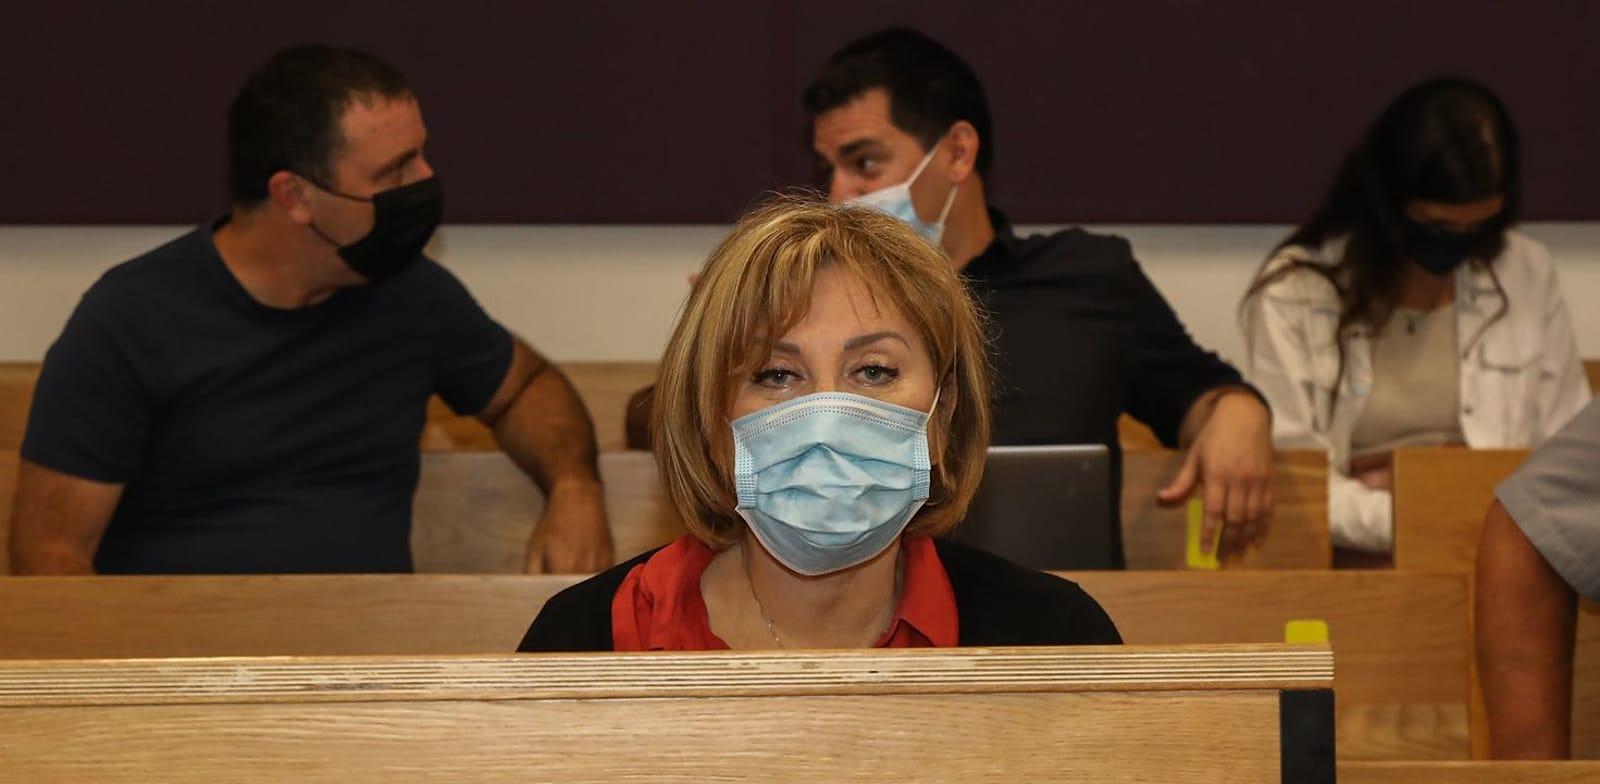 פאינה קירשנבאום היום בבית המשפט / צילום: כדיה לוי